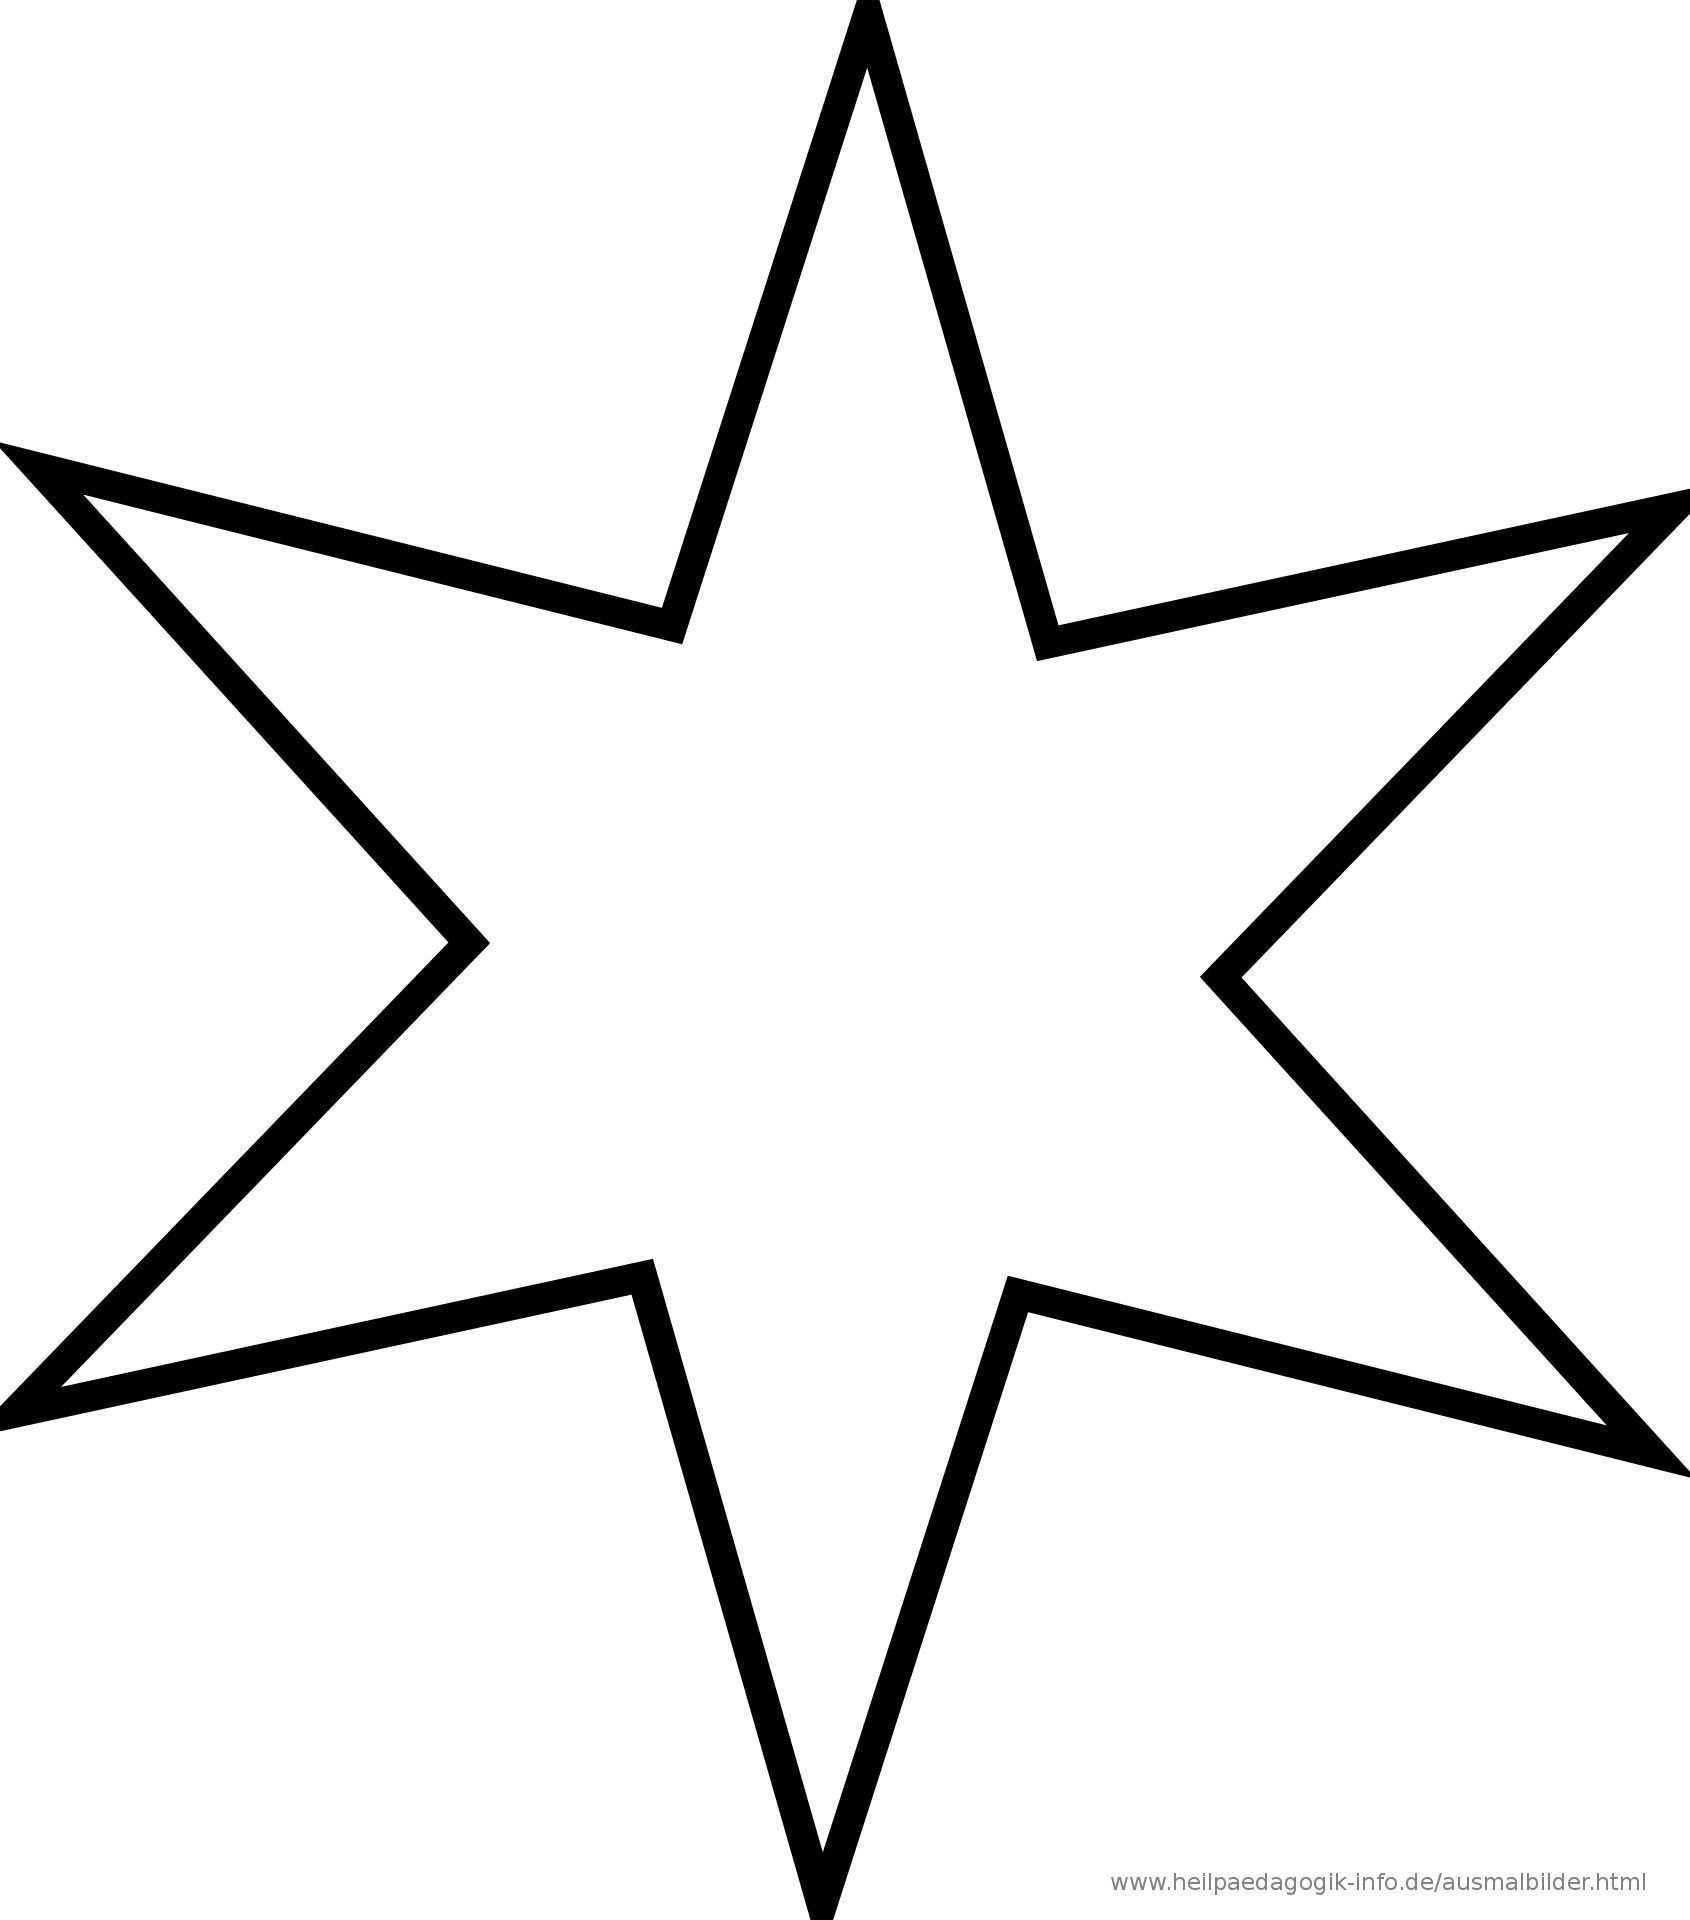 Pin Von Printable Coloring Pages Auf Malvorlagen Sterne Zum Ausdrucken Malvorlage Stern Vorlage Stern